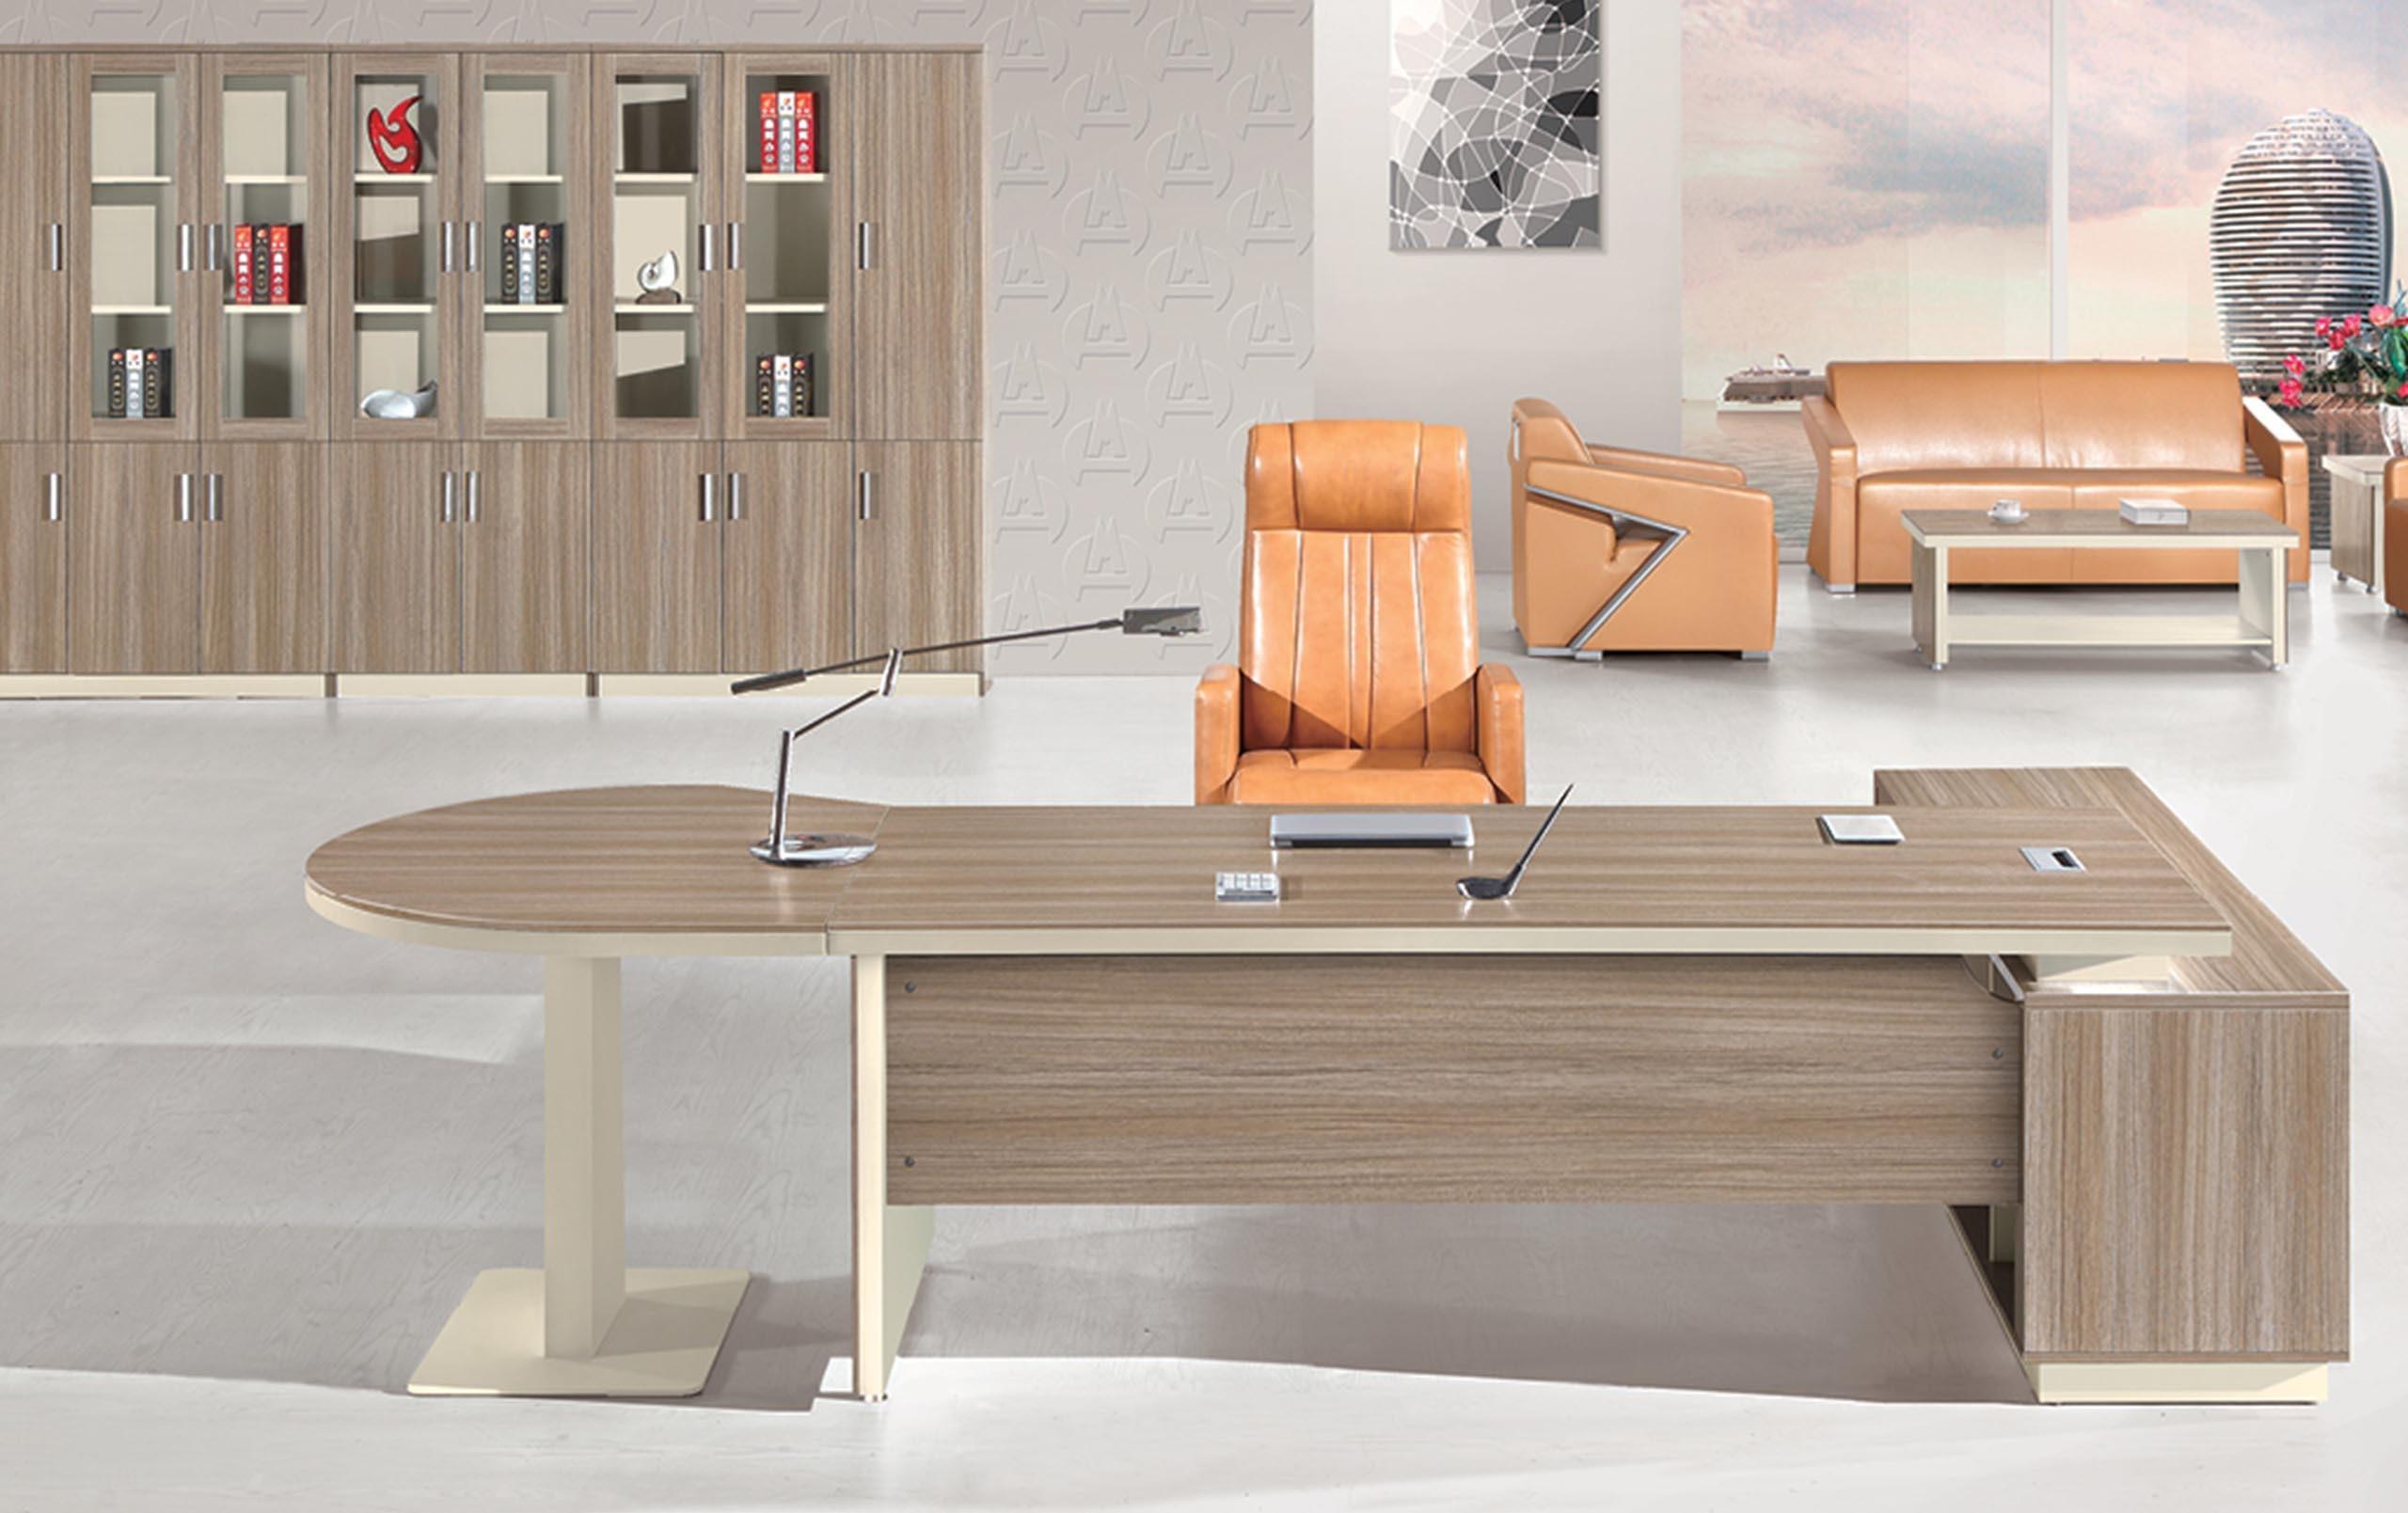 Bureau de bureau moderne meuble de bureau photo sur fr made in